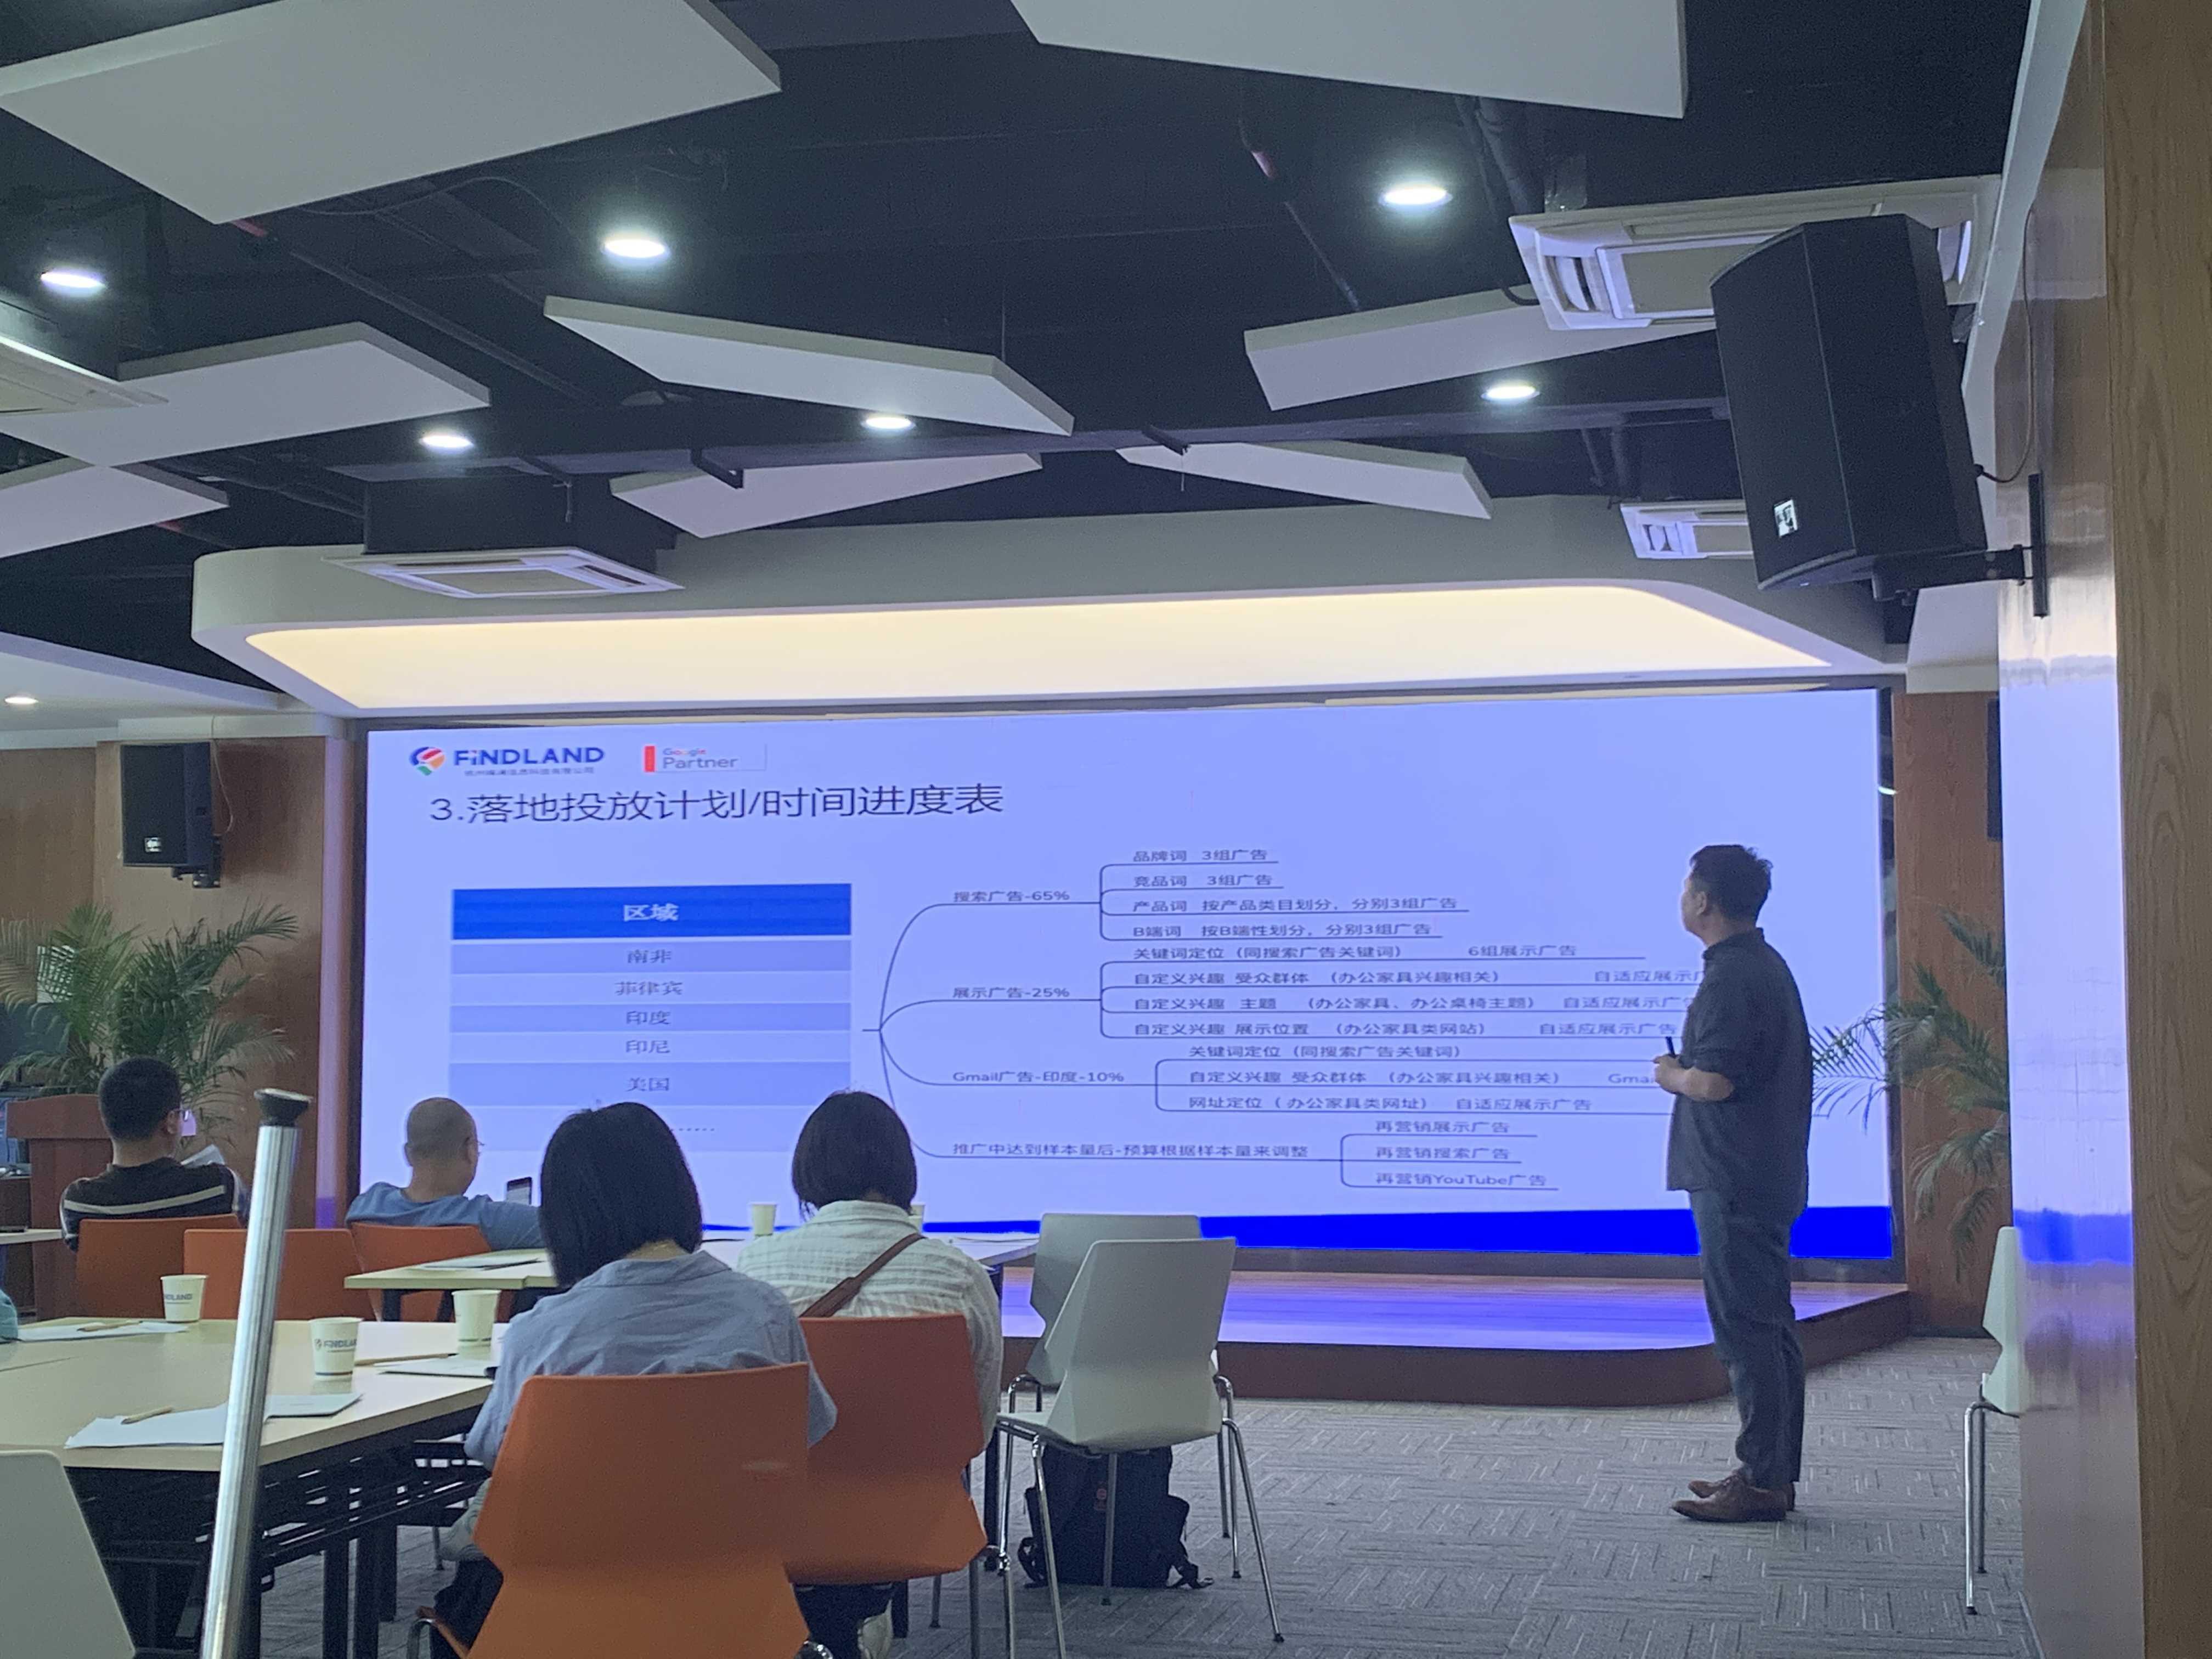 照片-谷歌出海体验中心运营主管谢晓翔